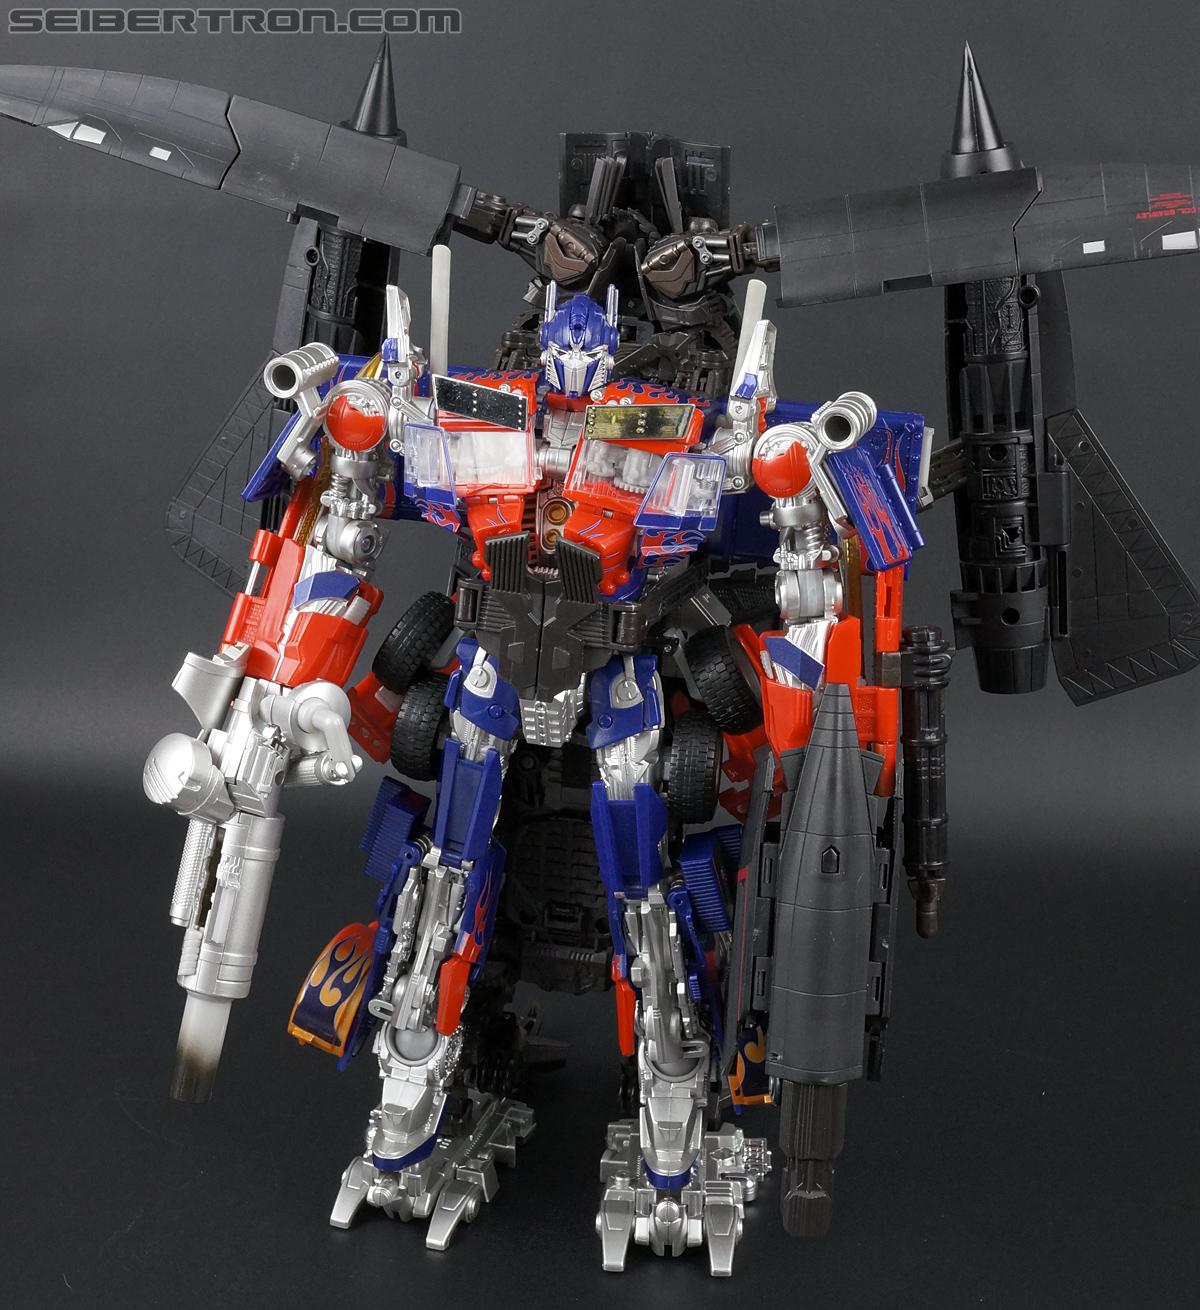 Transformers Revenge of the Fallen Jetpower Optimus Prime (Jetpower 2-pack) (Reissue) (Image #77 of 110)